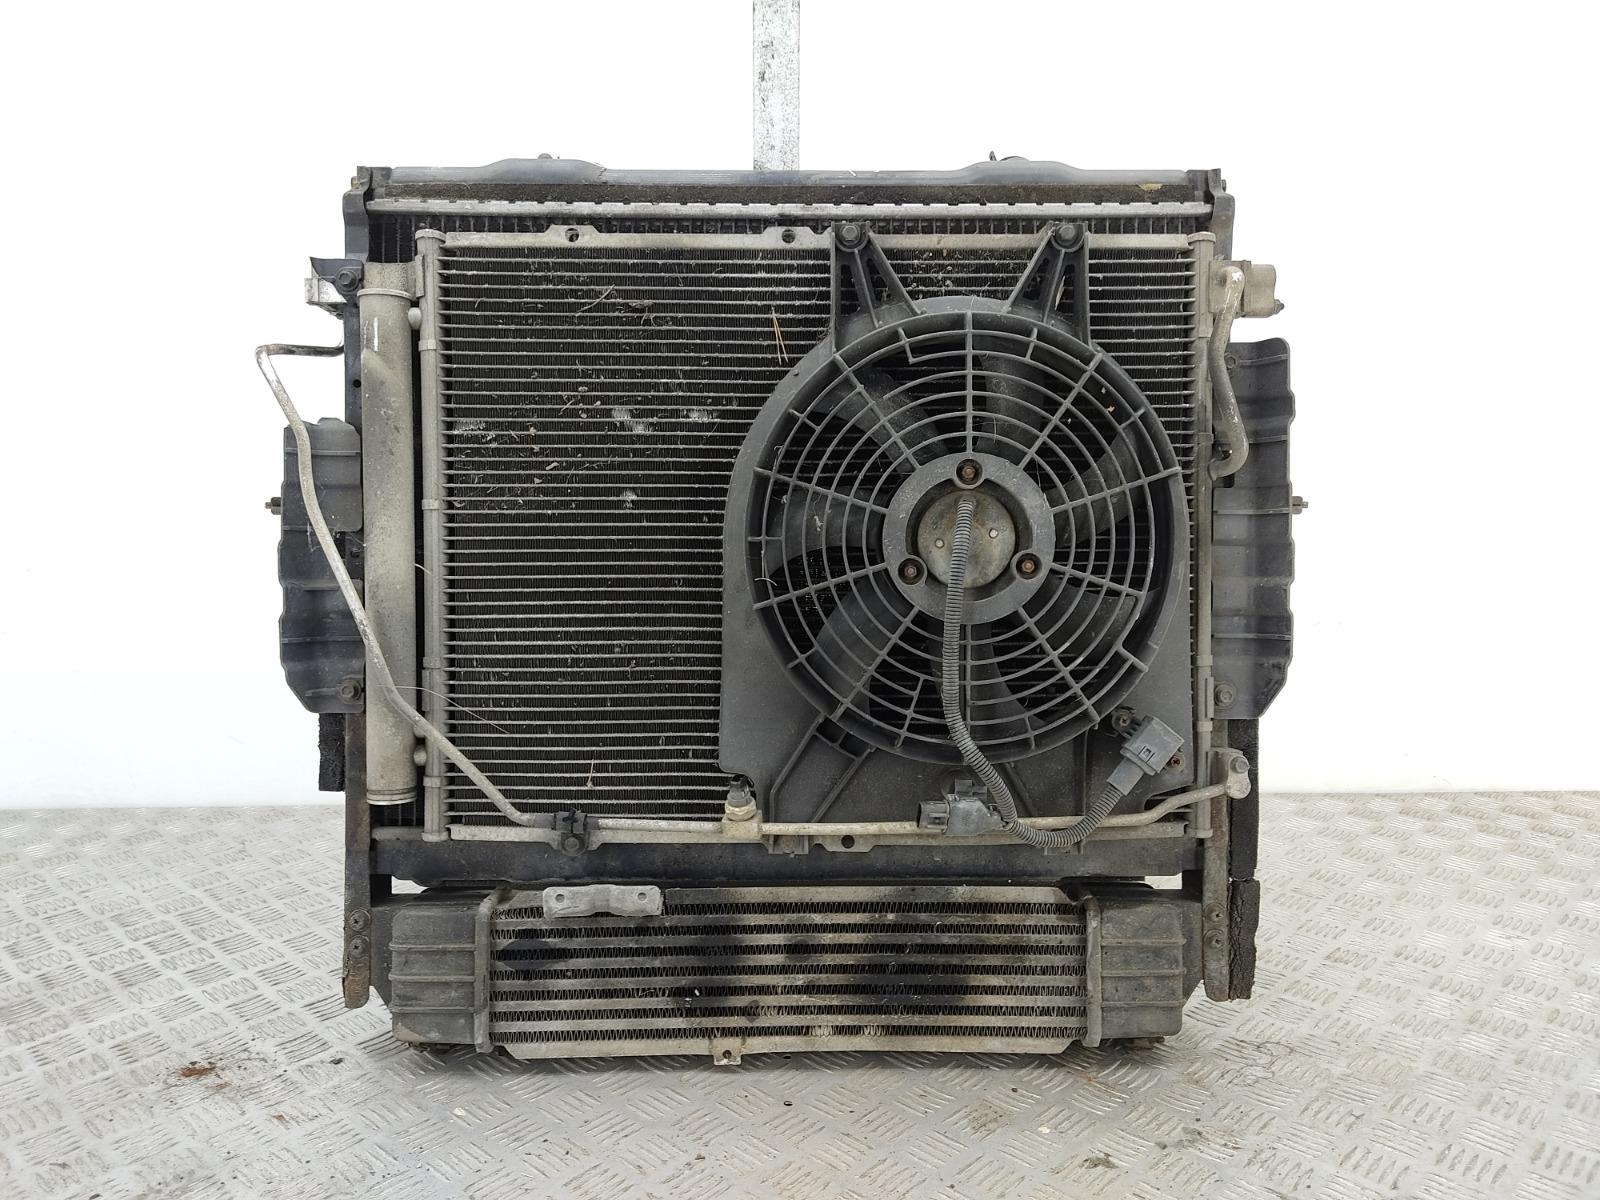 Кассета радиаторов Kia Sorento 2.5 CRDI 2005 (б/у)